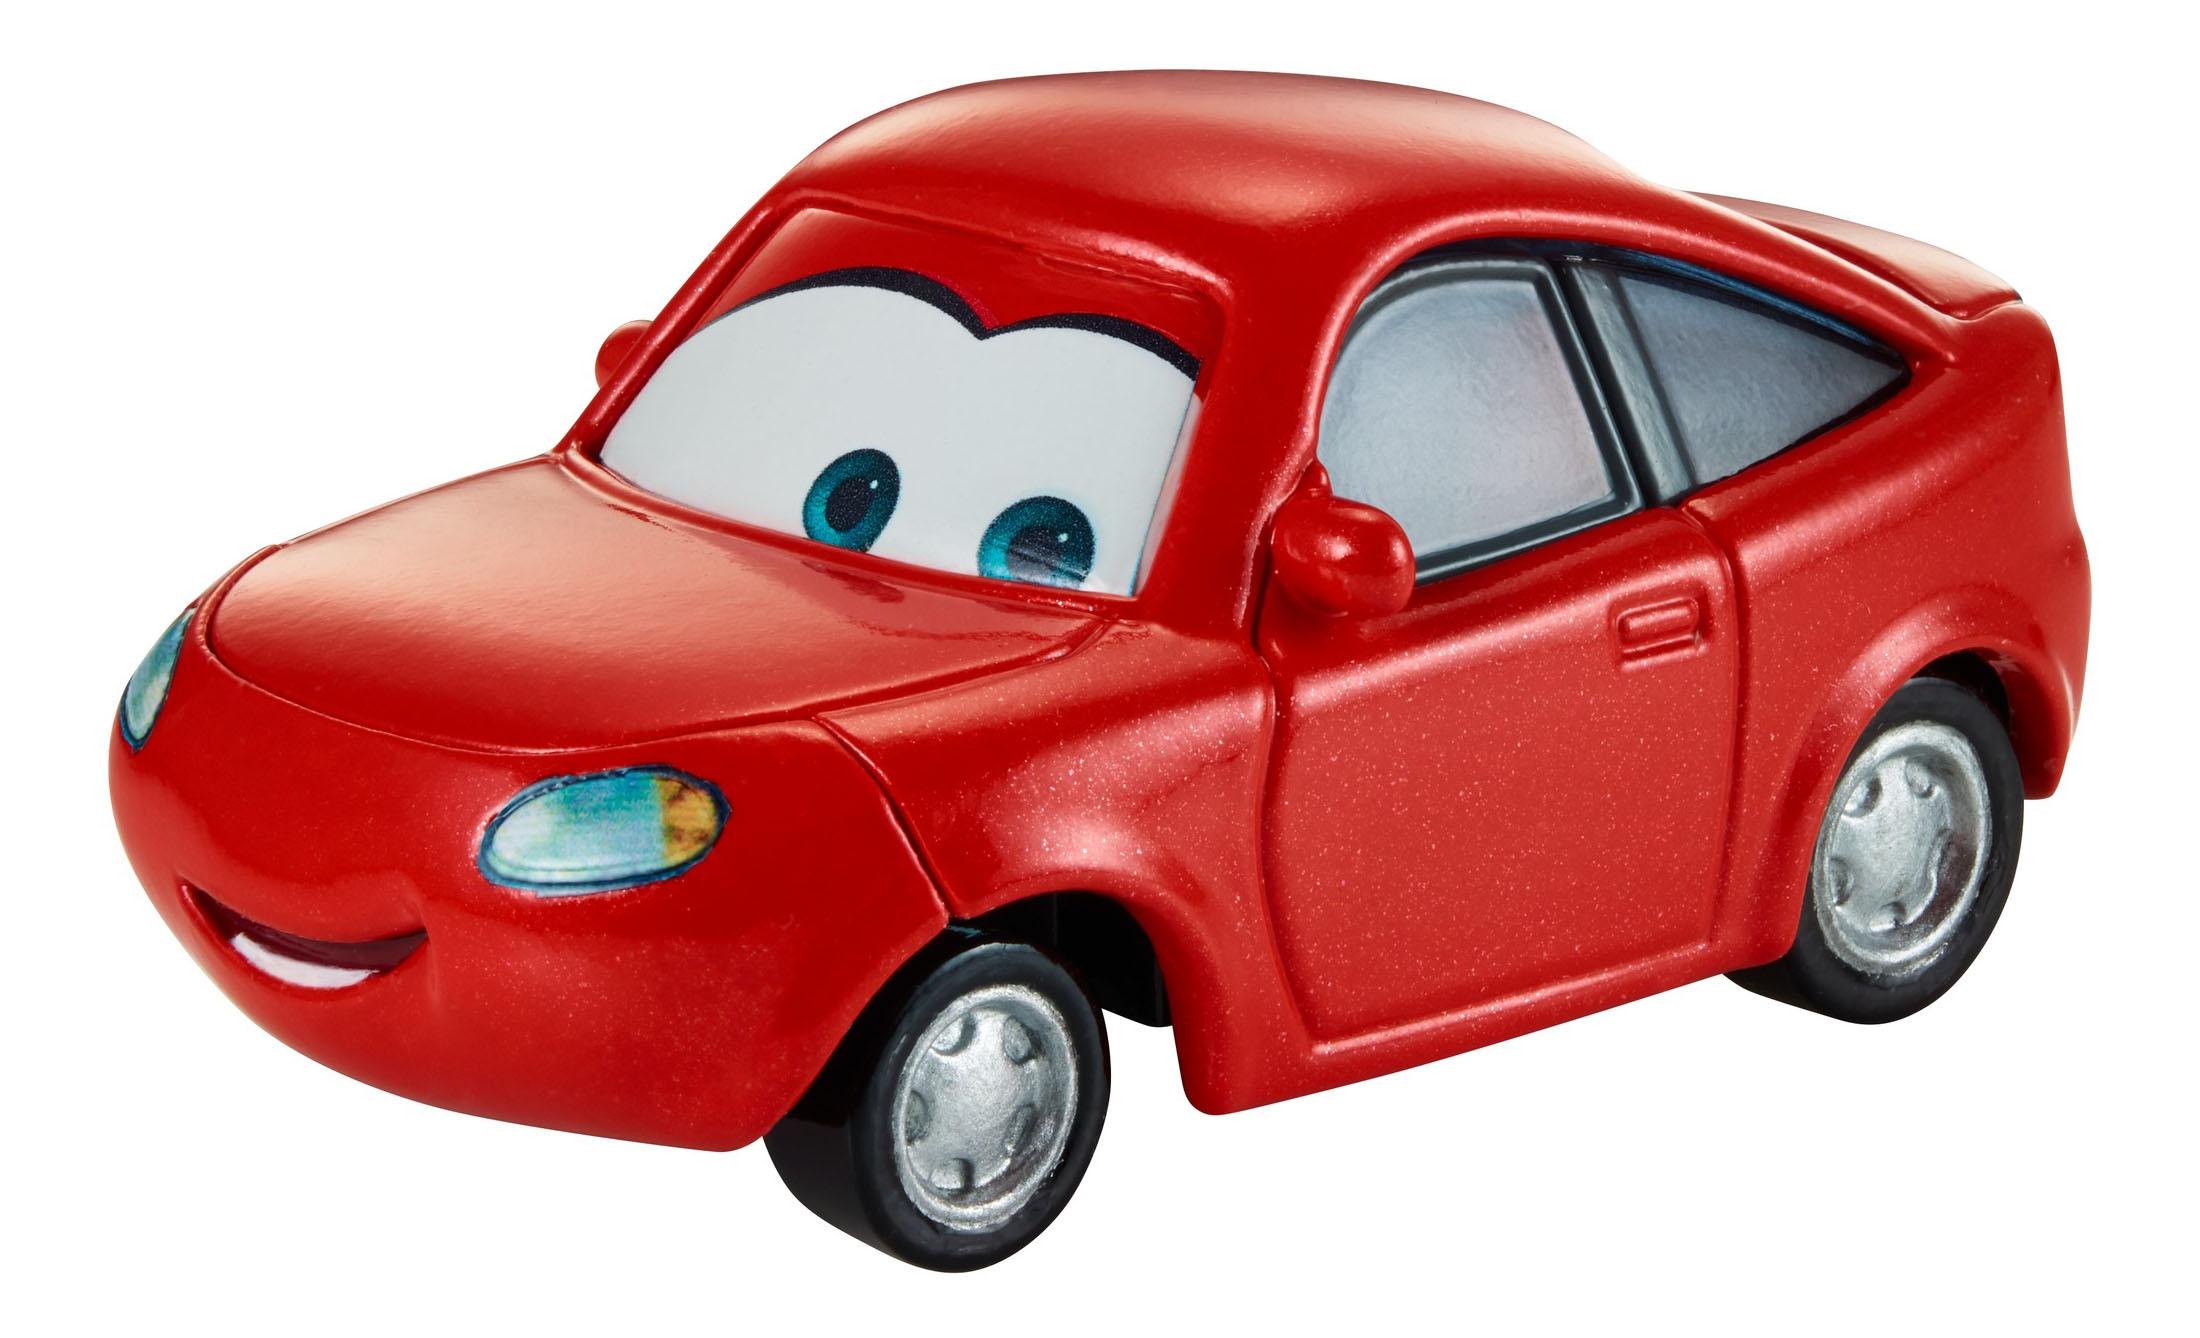 Купить Машинка Cars W1938 DLY80, Коллекционные модели